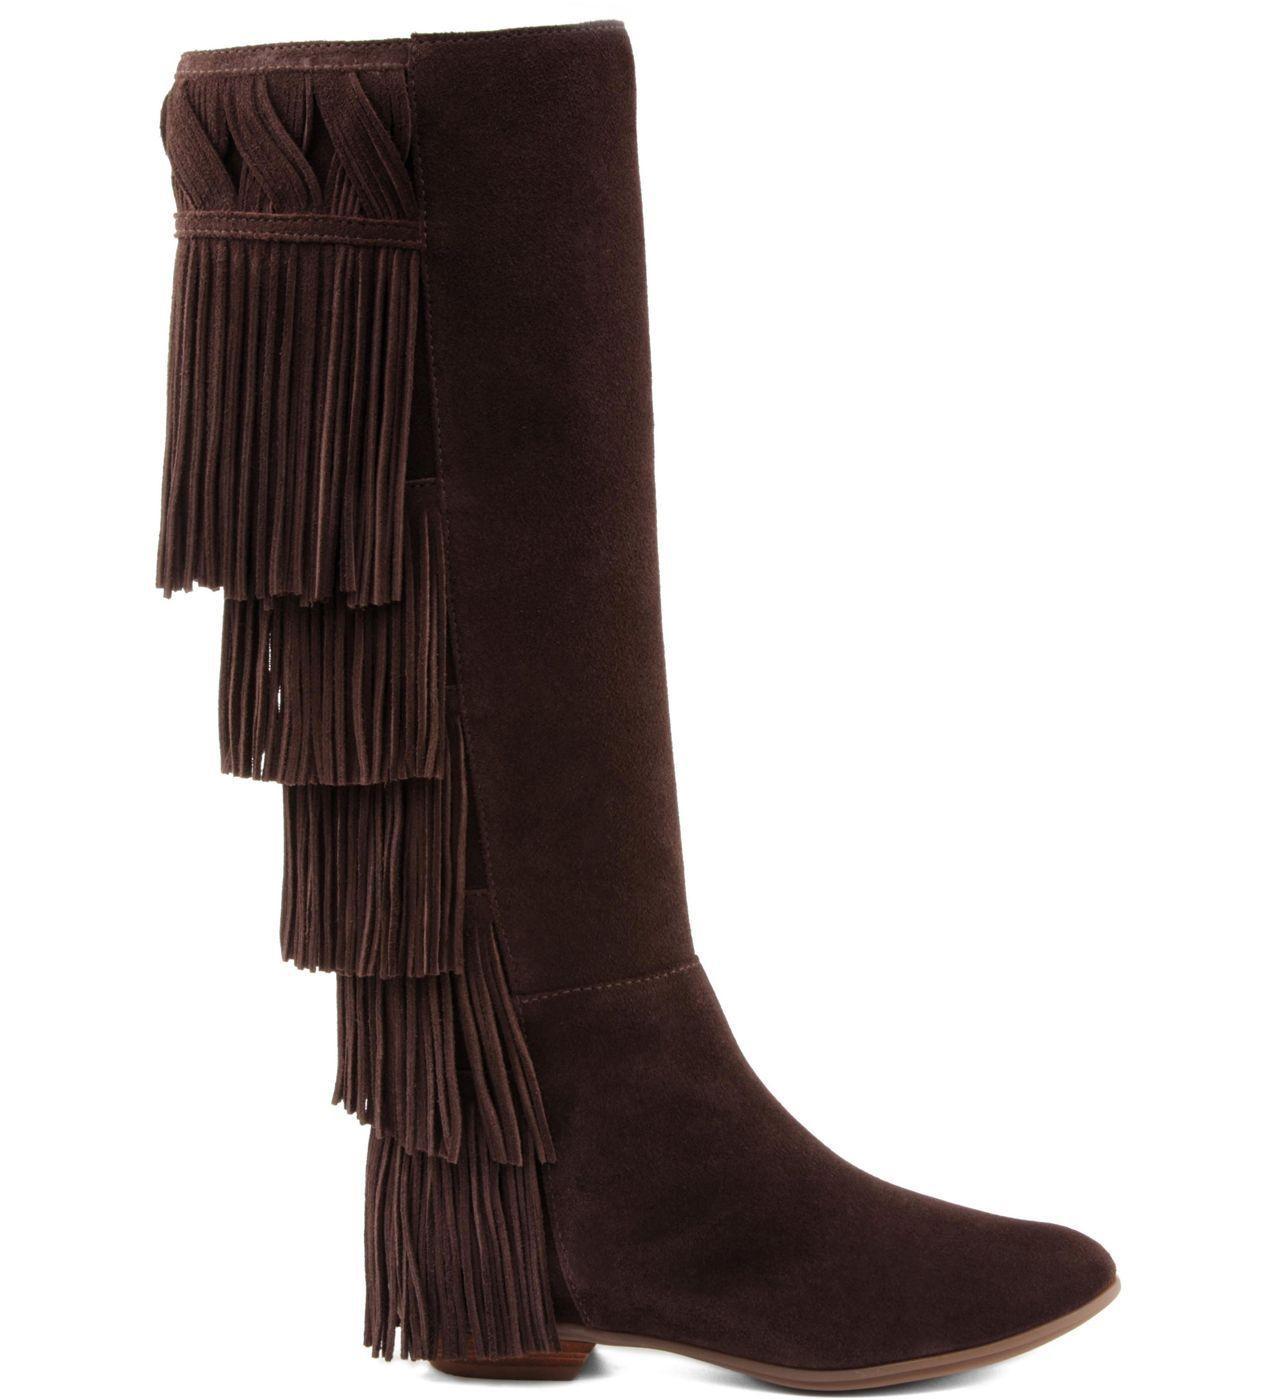 """Bota de franja cano alto por R$310 na <a href=""""http://www.schutz.com.br/store/shoes/botas/botacanoalto/bota-franjas-boho-brown/p/0154100160002U"""" target=""""blank_"""">Schutz</a>"""